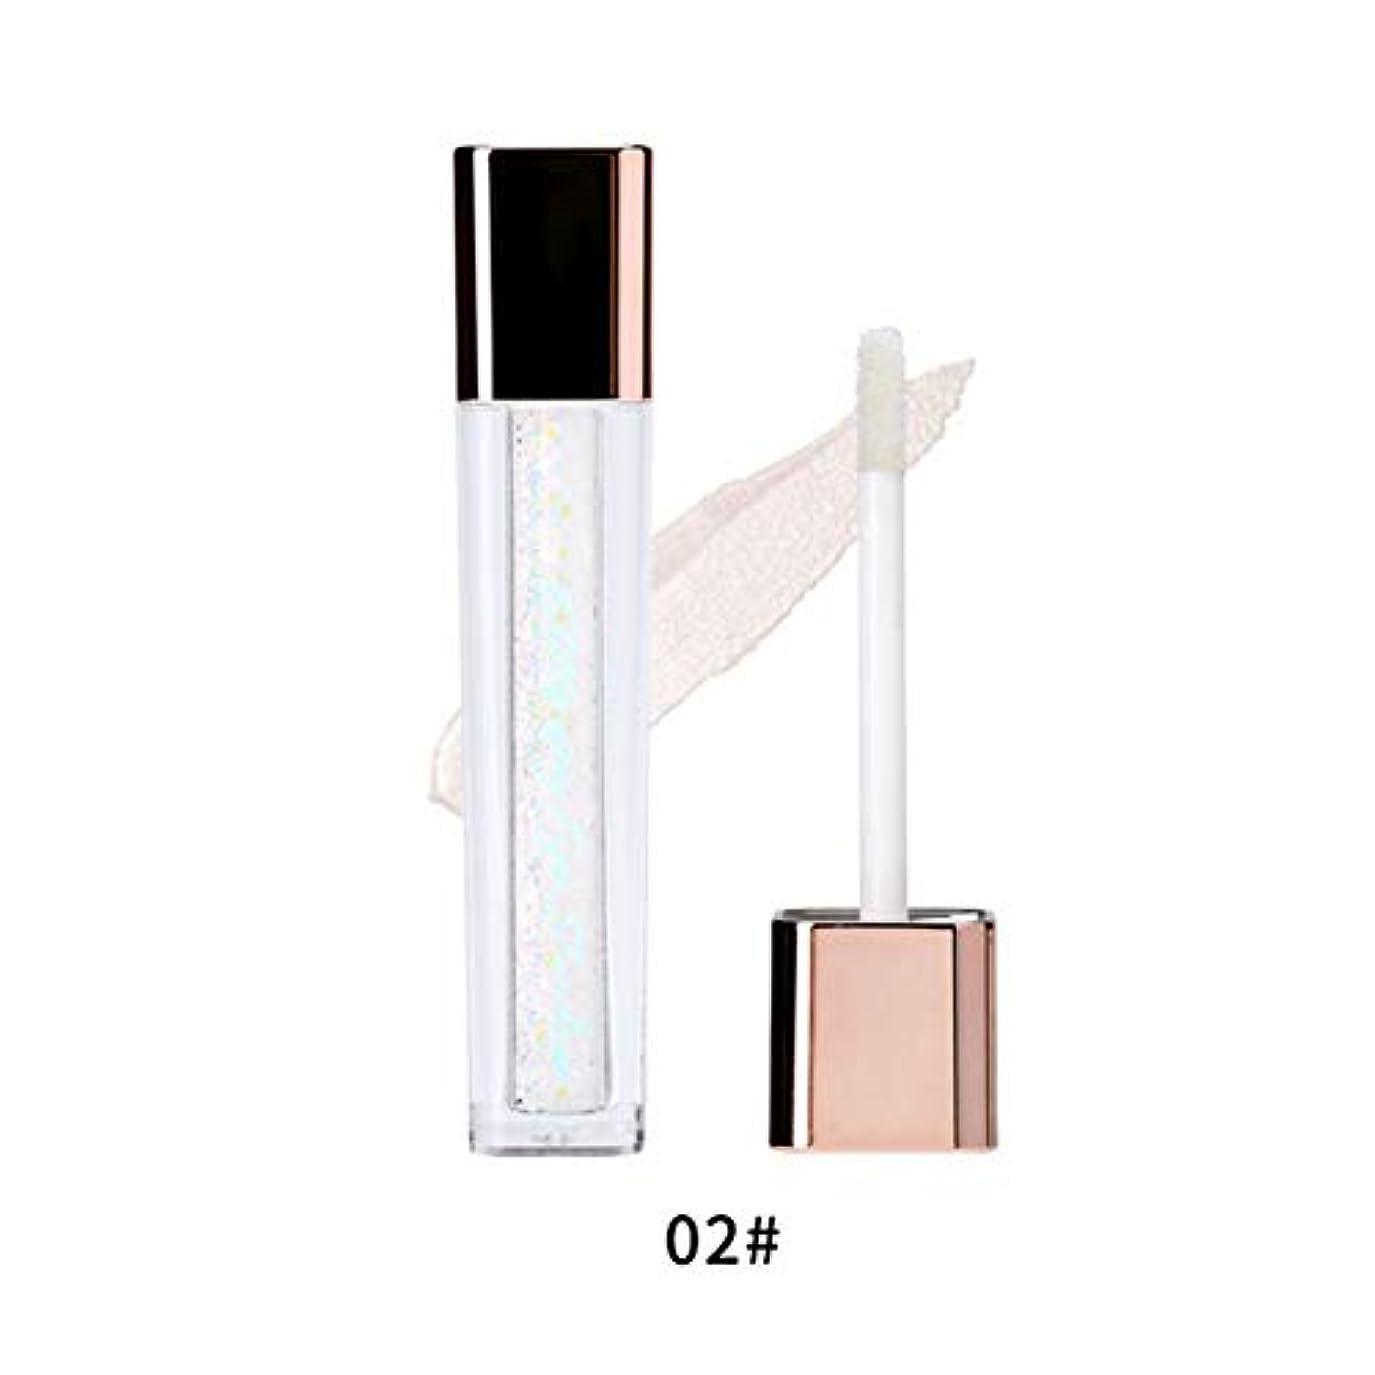 保証する相互接続明示的にリキッドアイシャドー シマー 防水 防汚 真珠光沢 グリッター アイシャドウ 化粧品ツール Cutelove